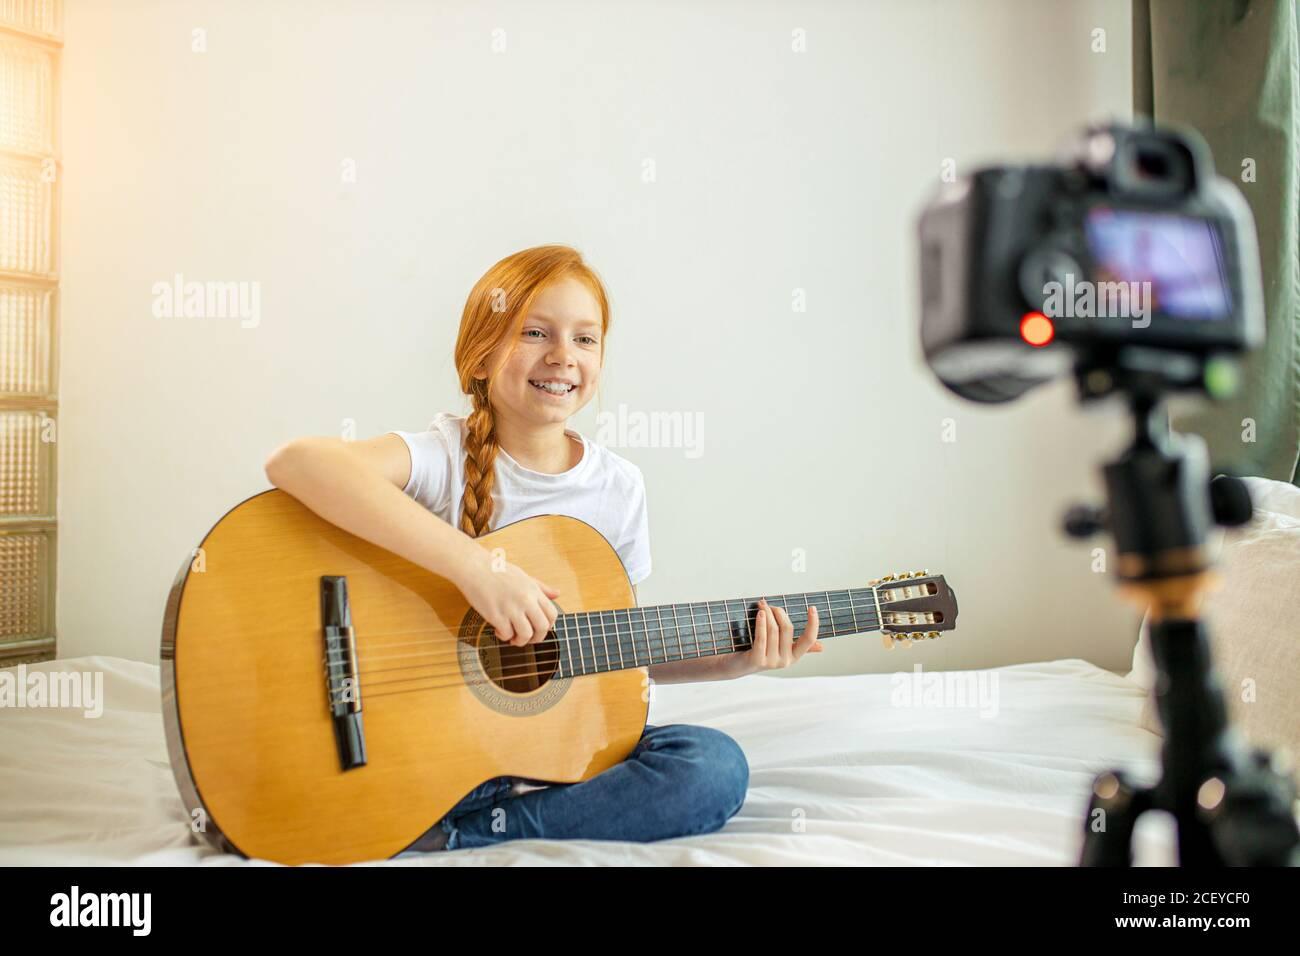 portrait de belle mignonne caucasienne enfant fille blogger jouant de la guitare à la caméra. adorable fille assis montrant, exécutant une nouvelle mélodie pour les abonnés. vl Banque D'Images